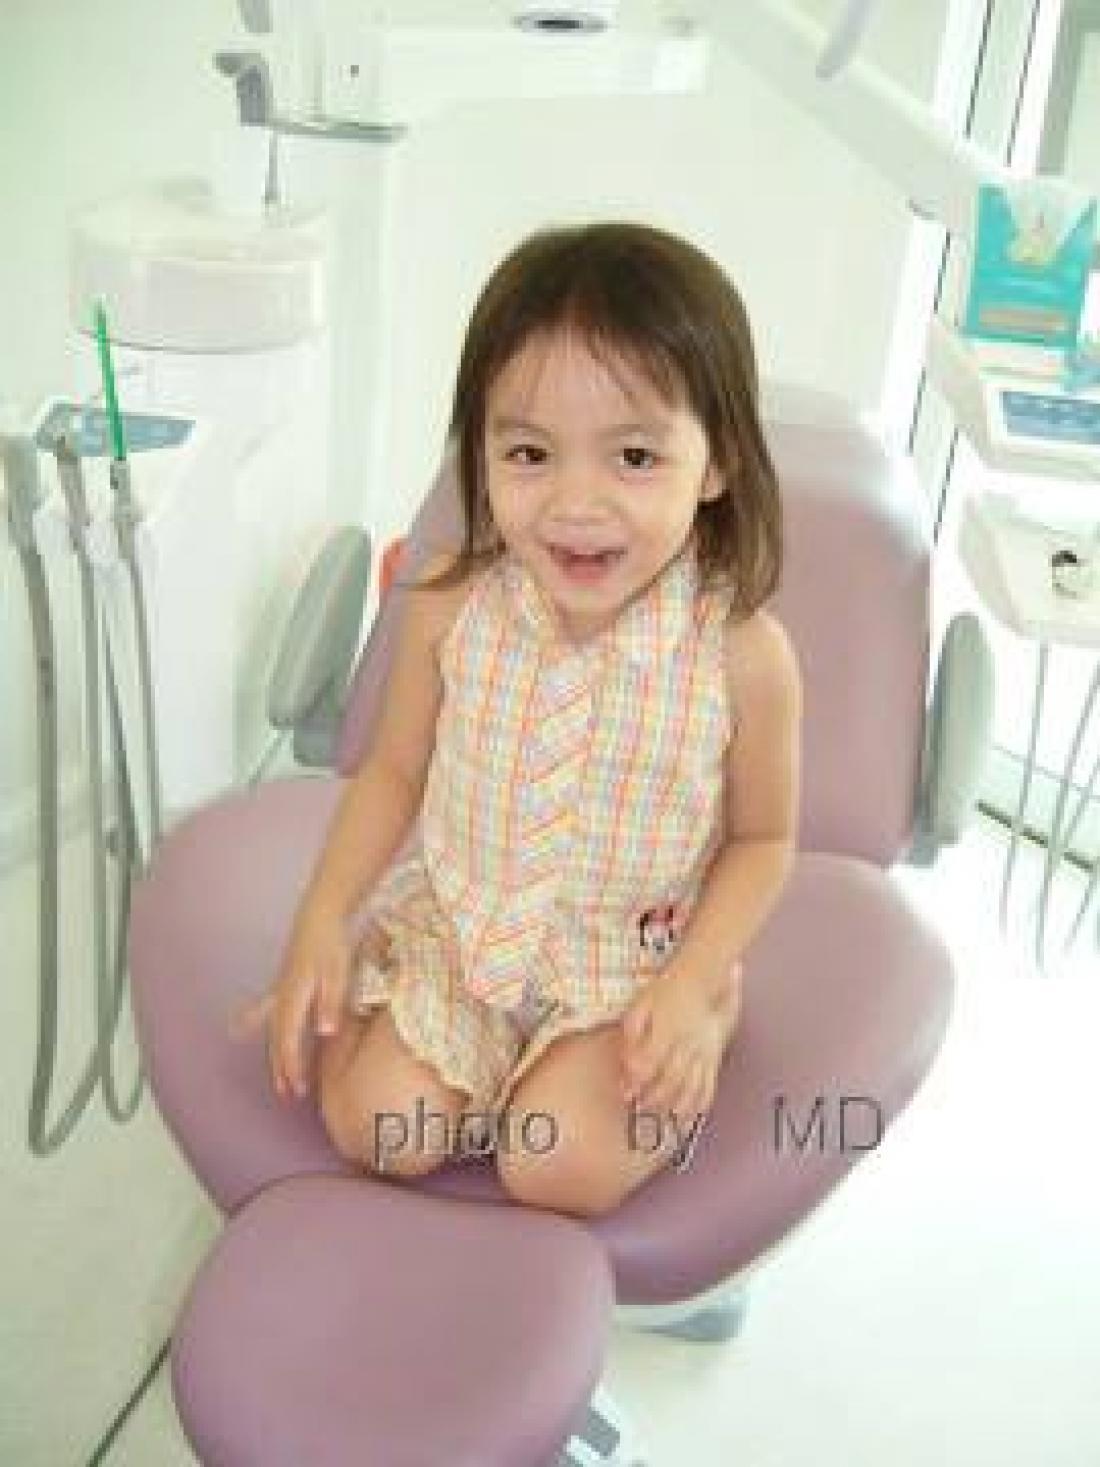 บทความเรื่อง First Date : นัดแรกของลูกกับหมอฟัน